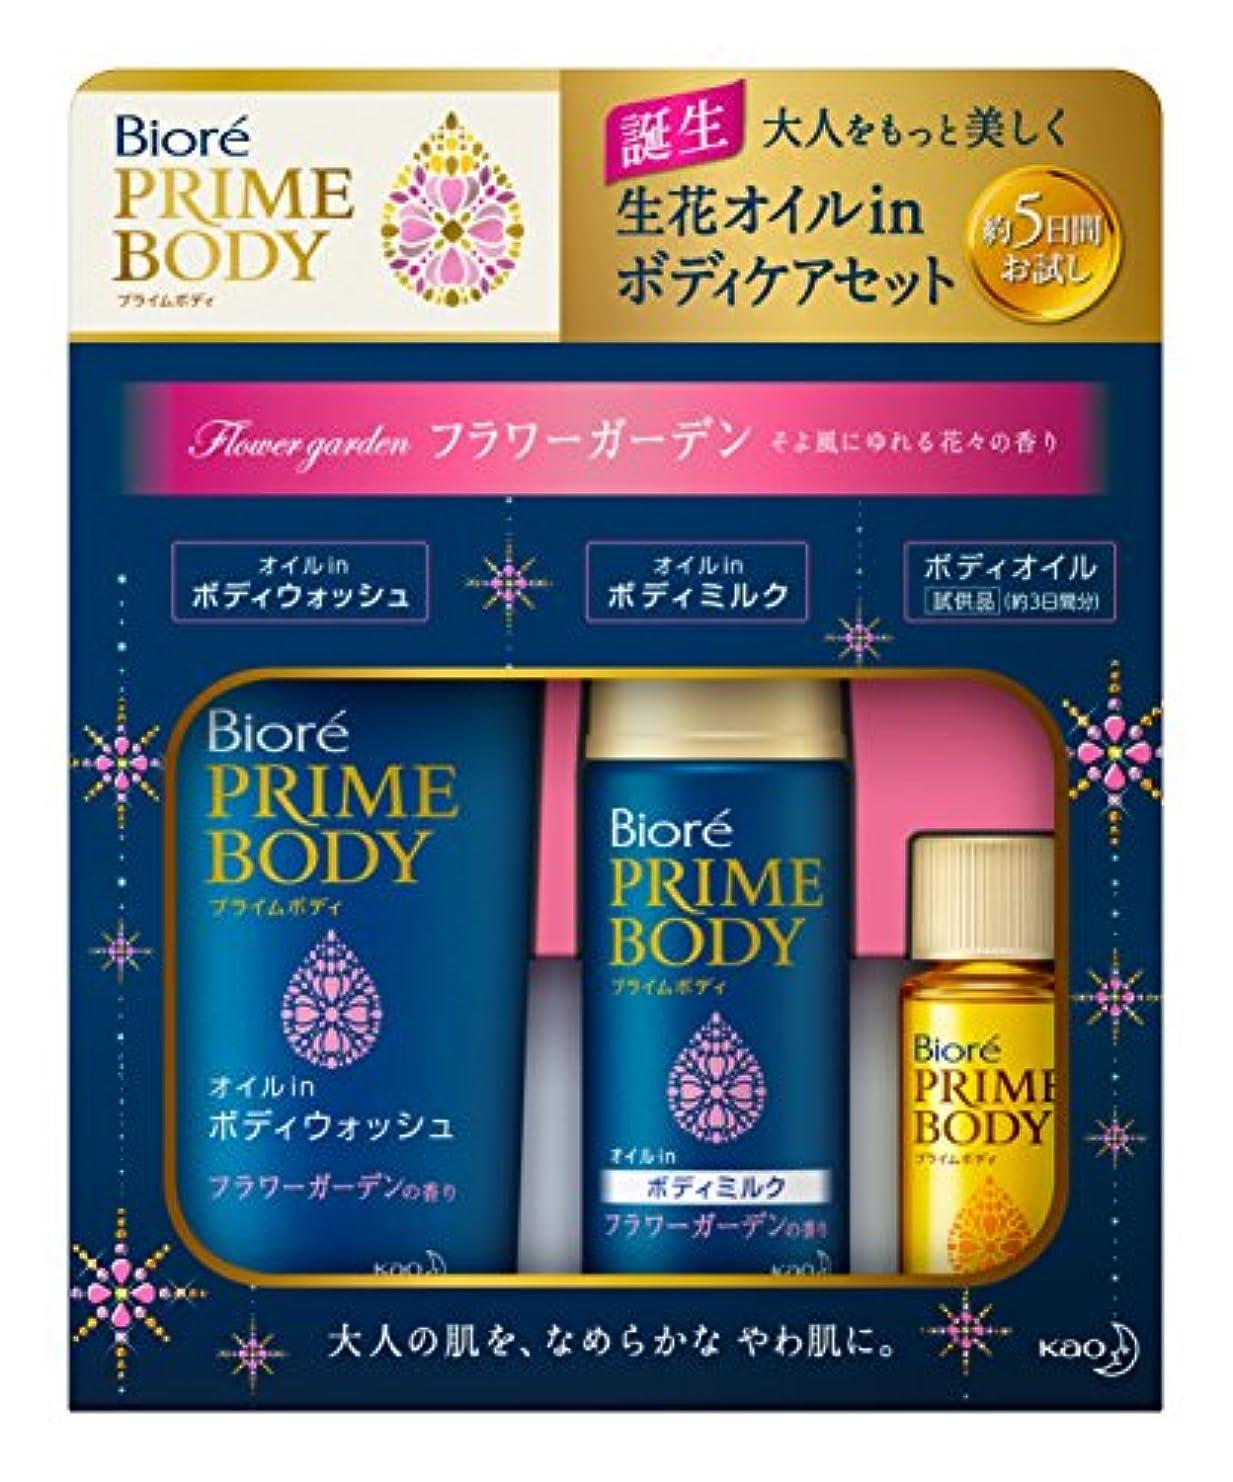 所持プロテスタント証明ビオレ プライムボディ 5日間お試しセット フラワーガーデンの香り 83ml